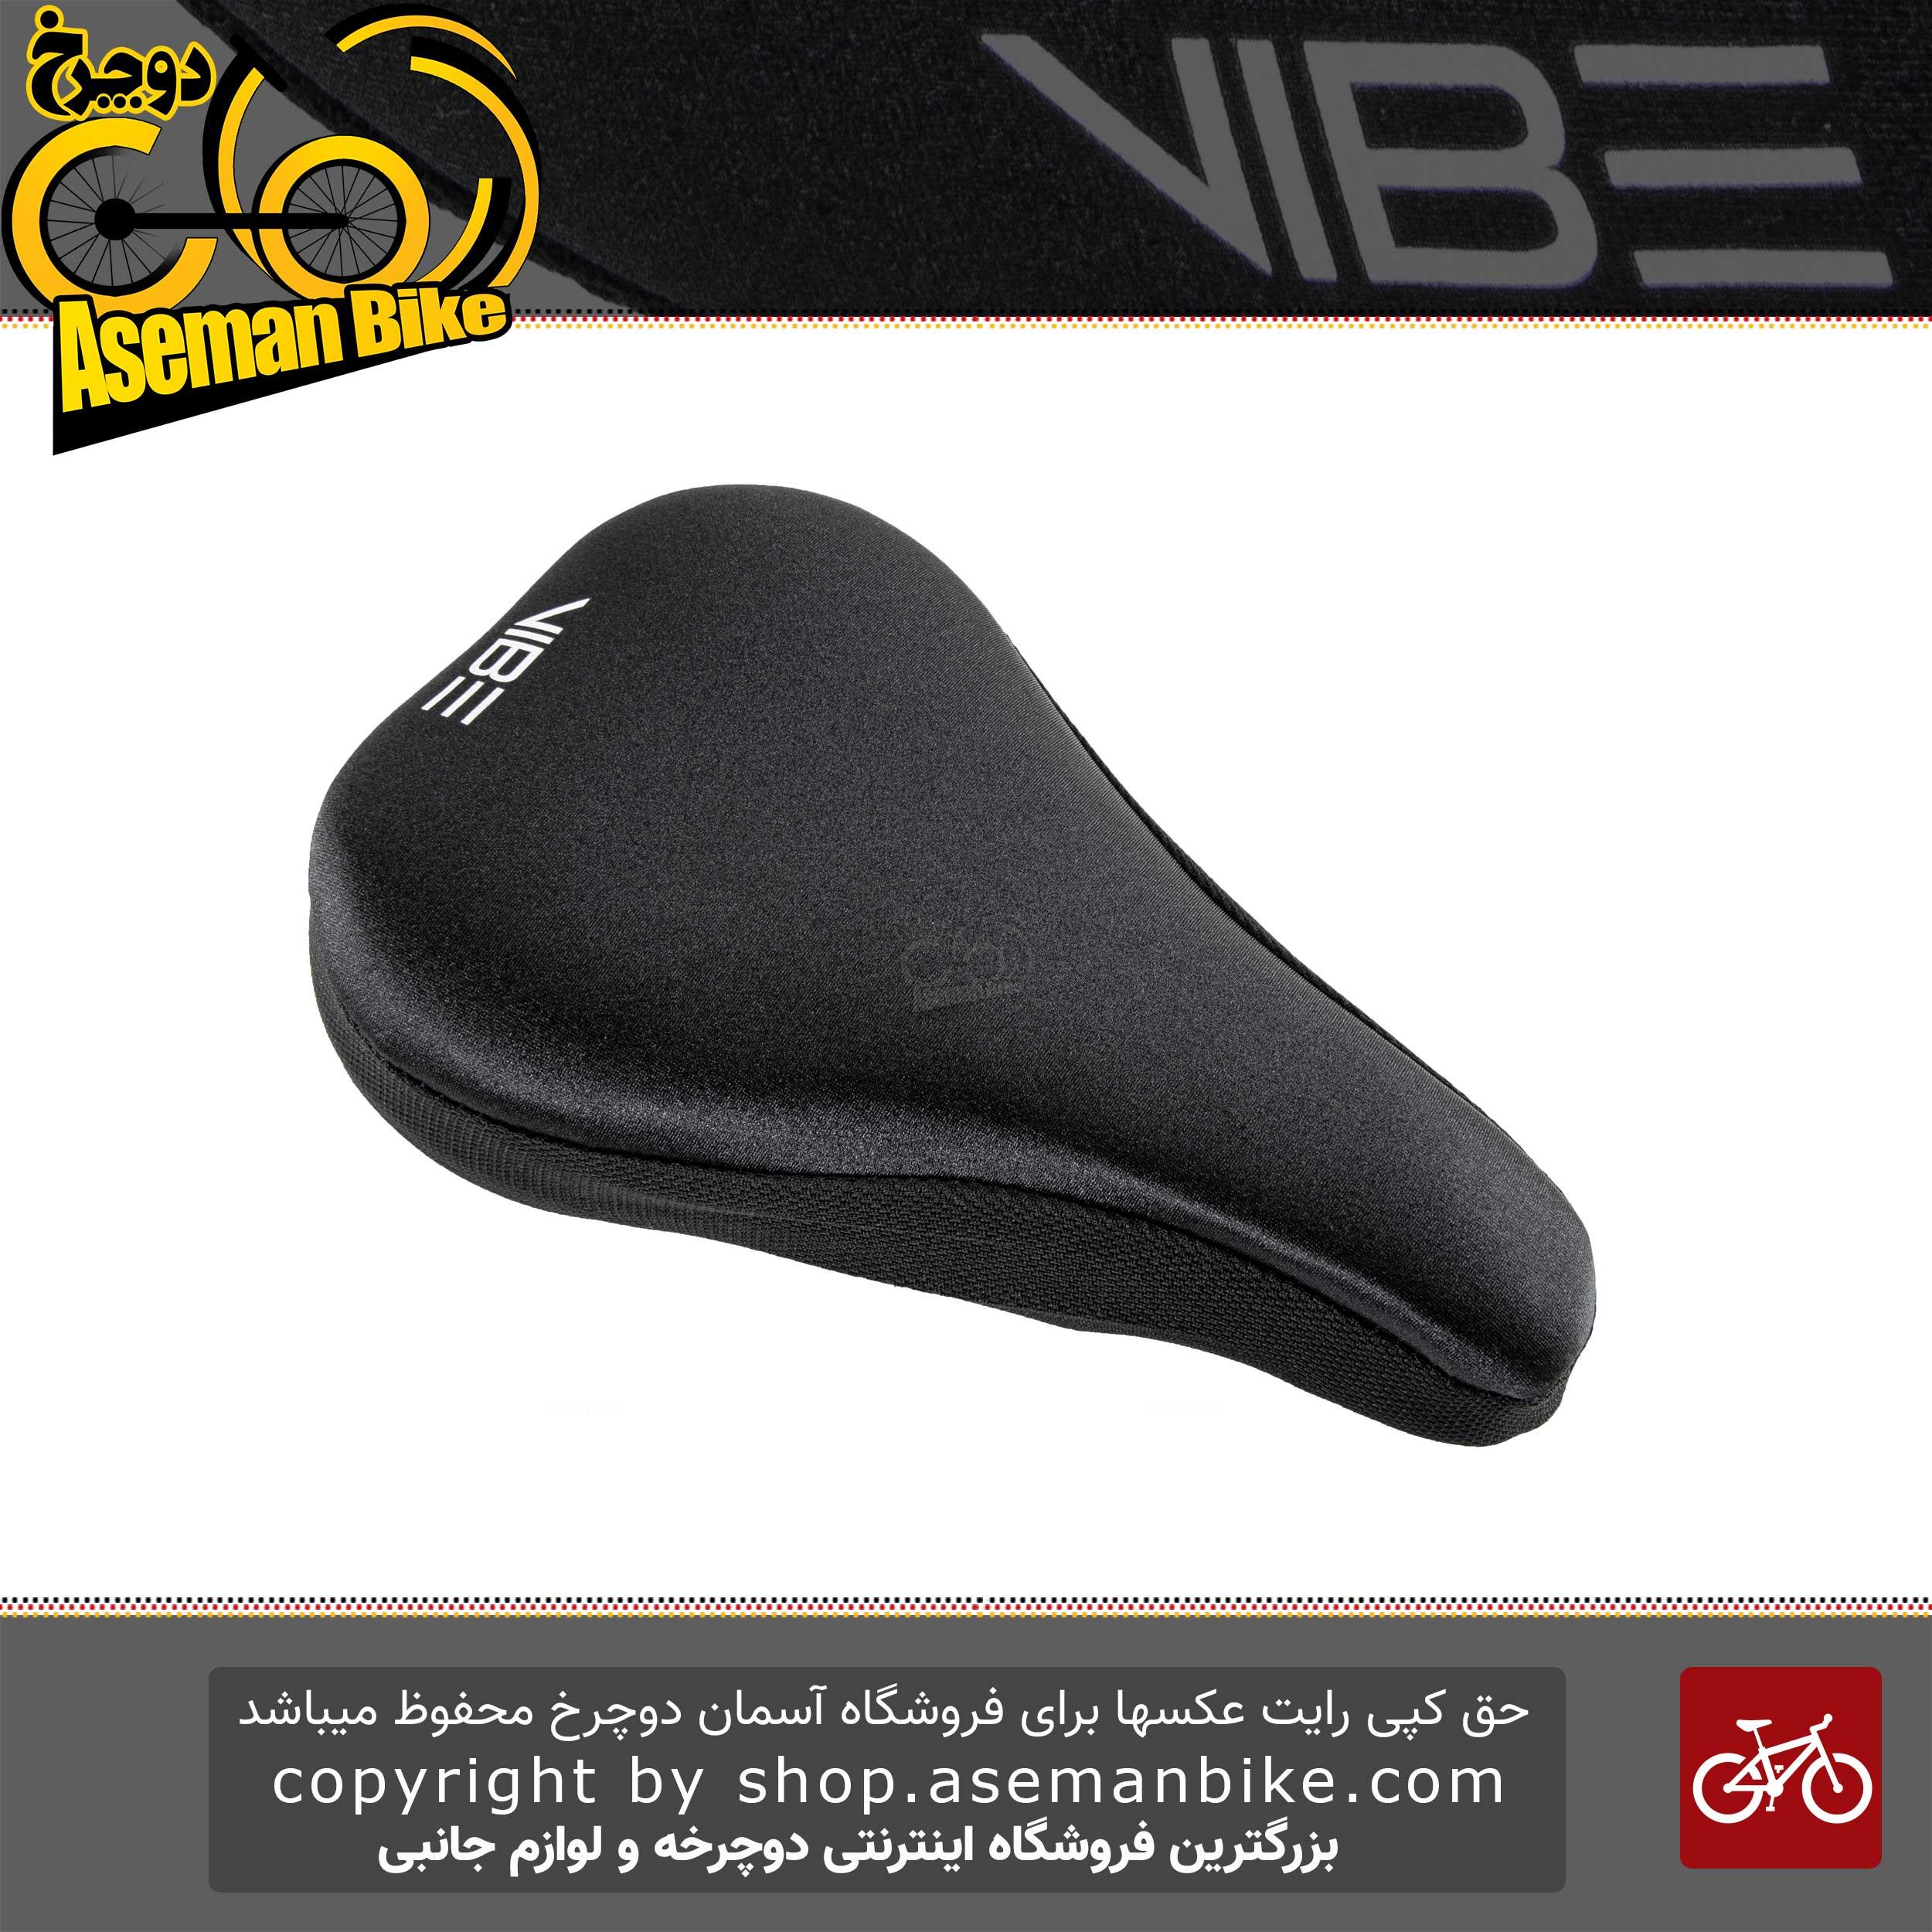 روکش زین ژله ای دوچرخه وایب 680I10 مشکی Saddle Bicycle Cover VIBE 680I10